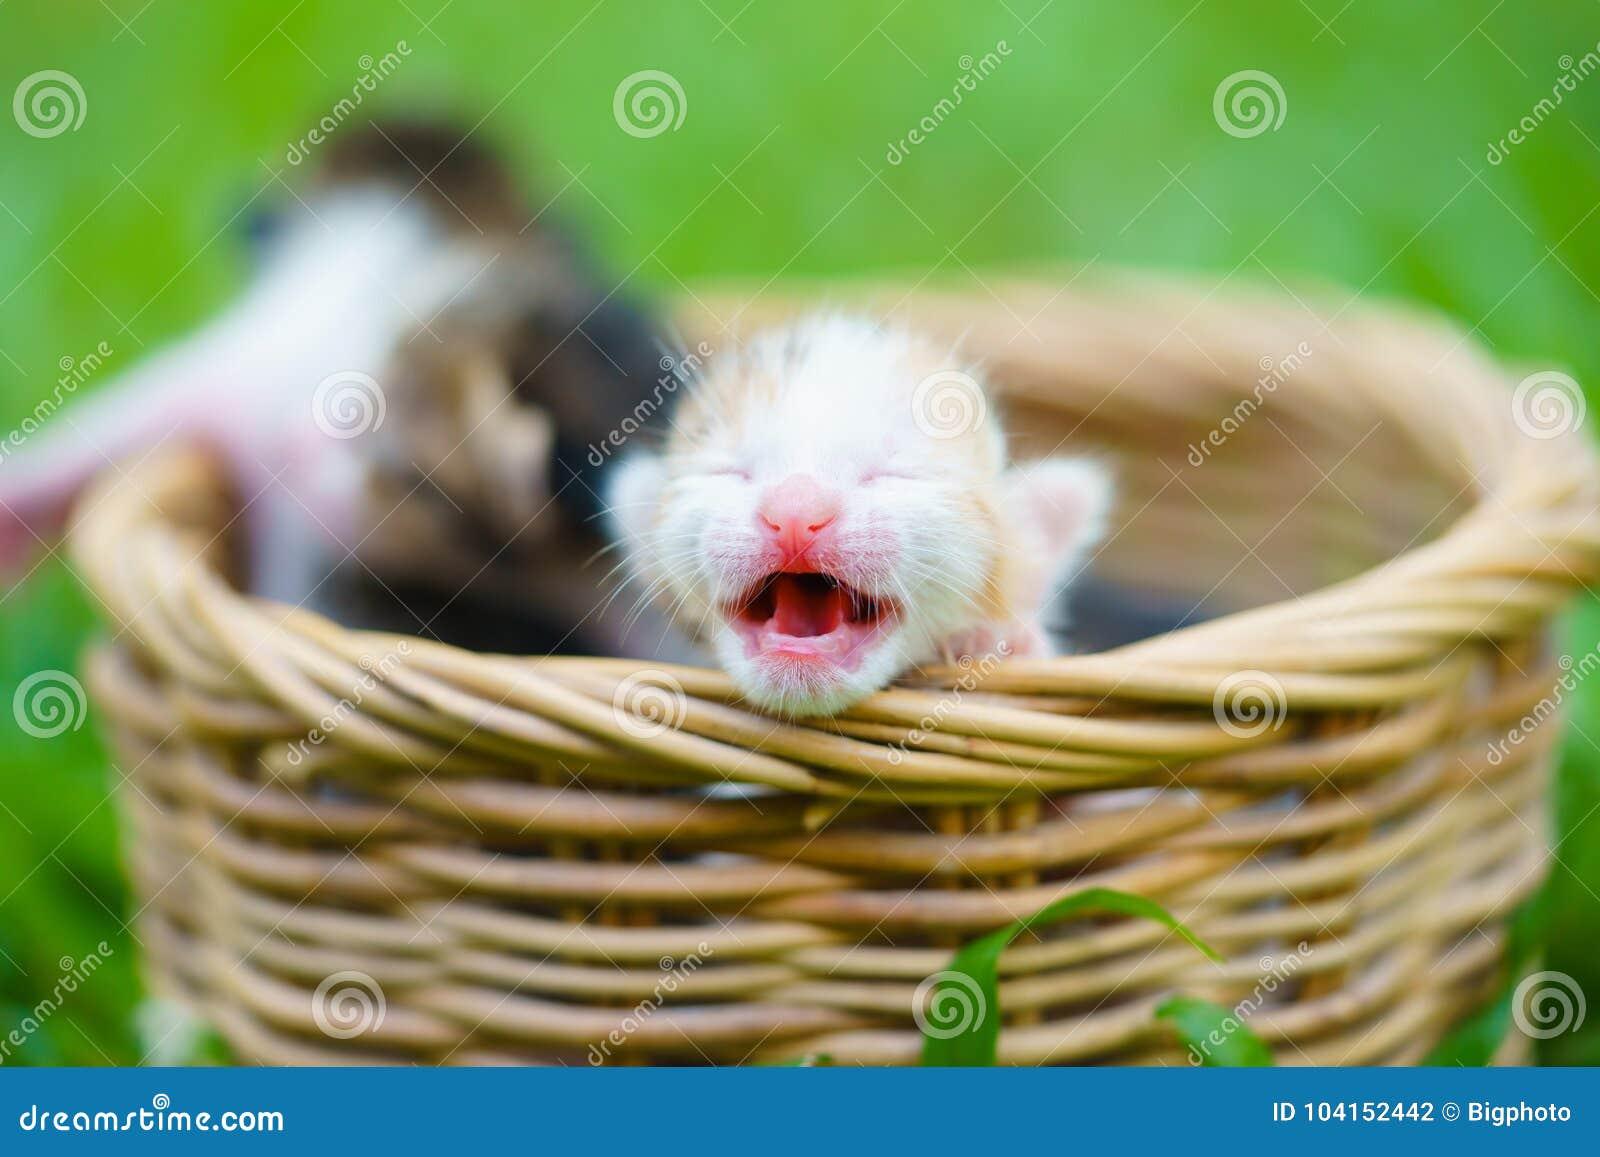 Drie pasgeboren katjes die in rieten mand op groen gras zitten